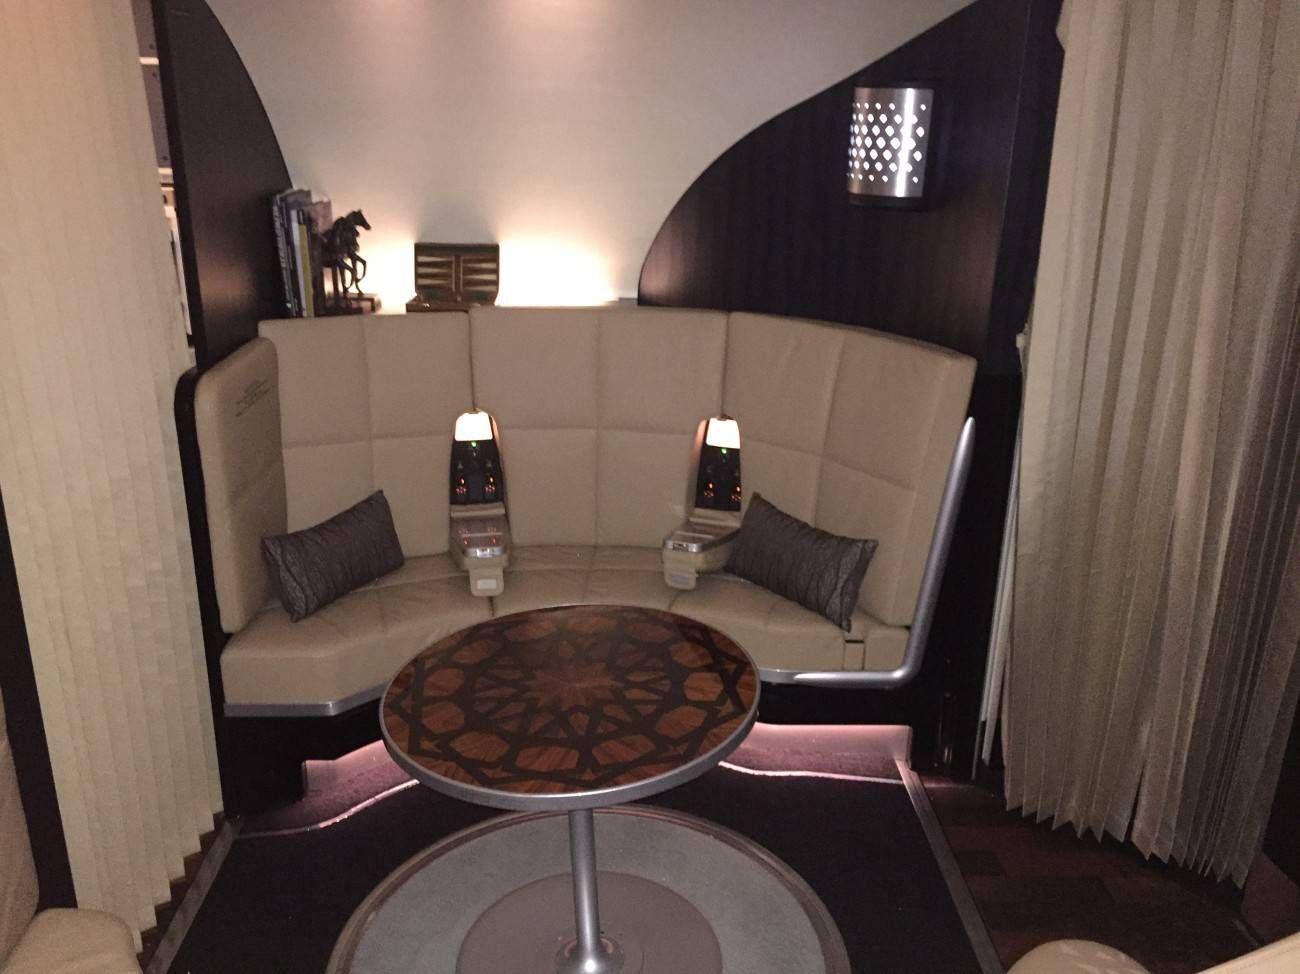 First Class Apartment A380 Etihad - PassageirodePrimeira47